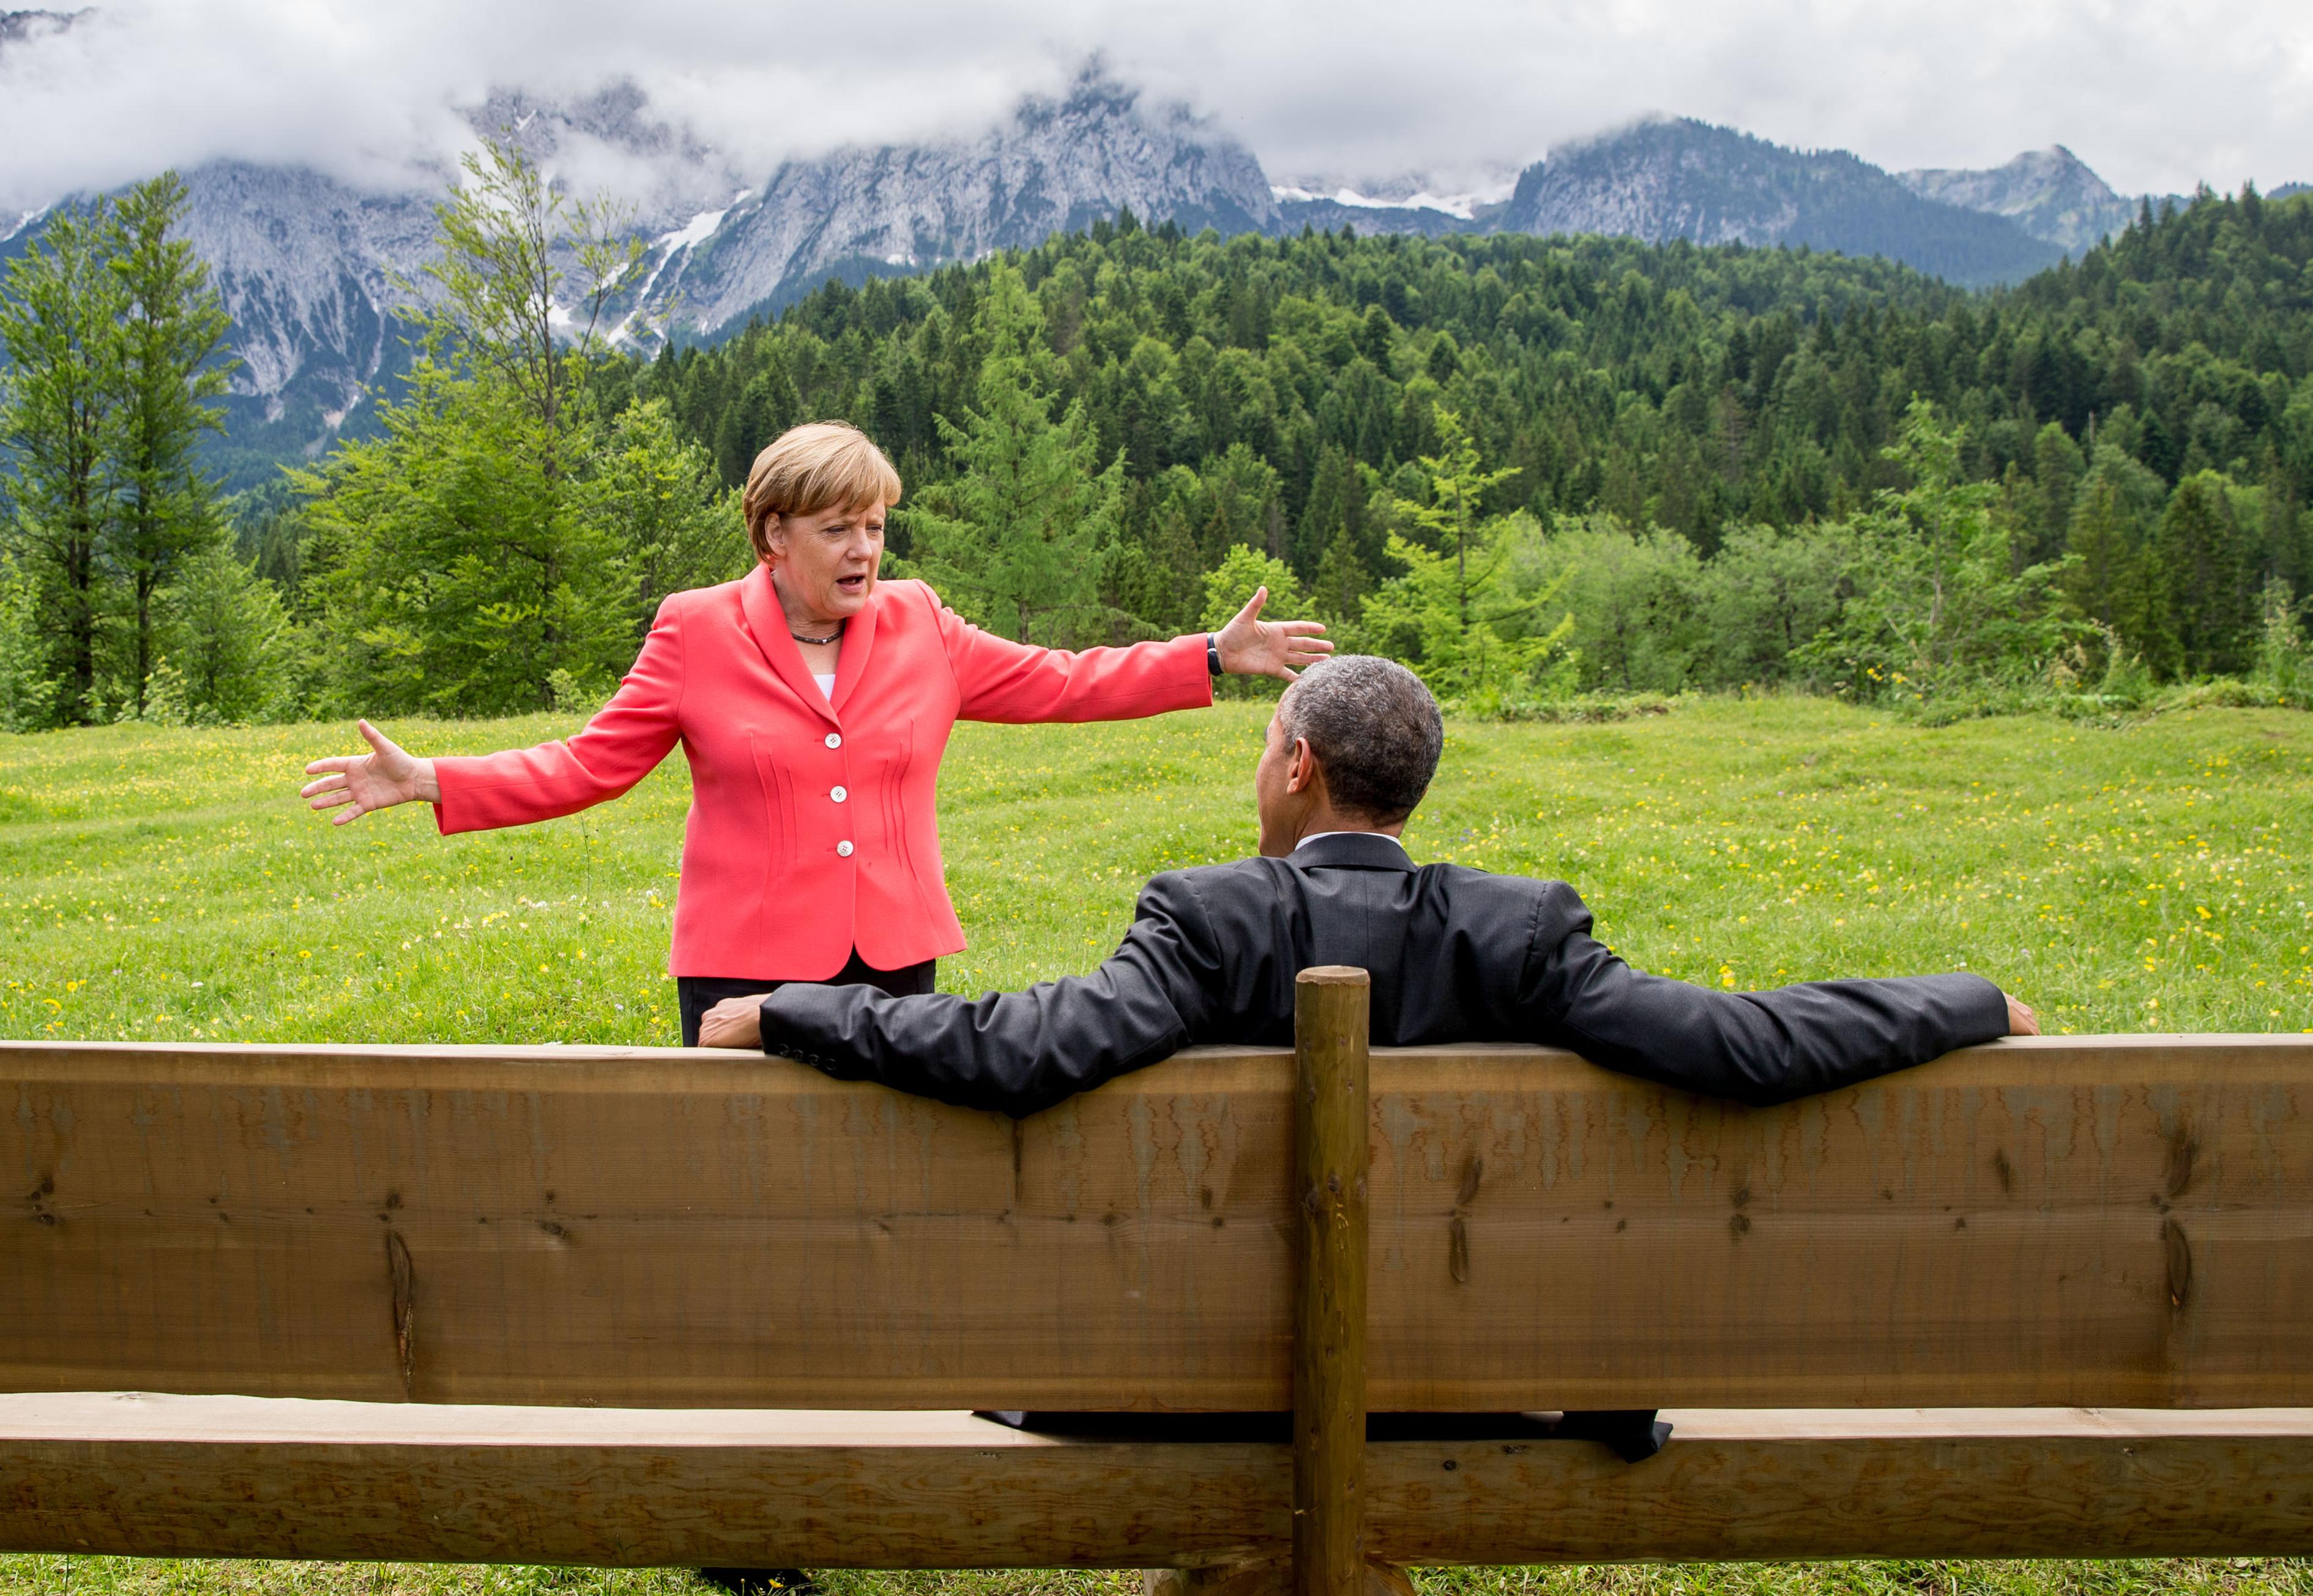 Decemberben jelentheti be Merkel, hogy újra indul a kancellári posztért